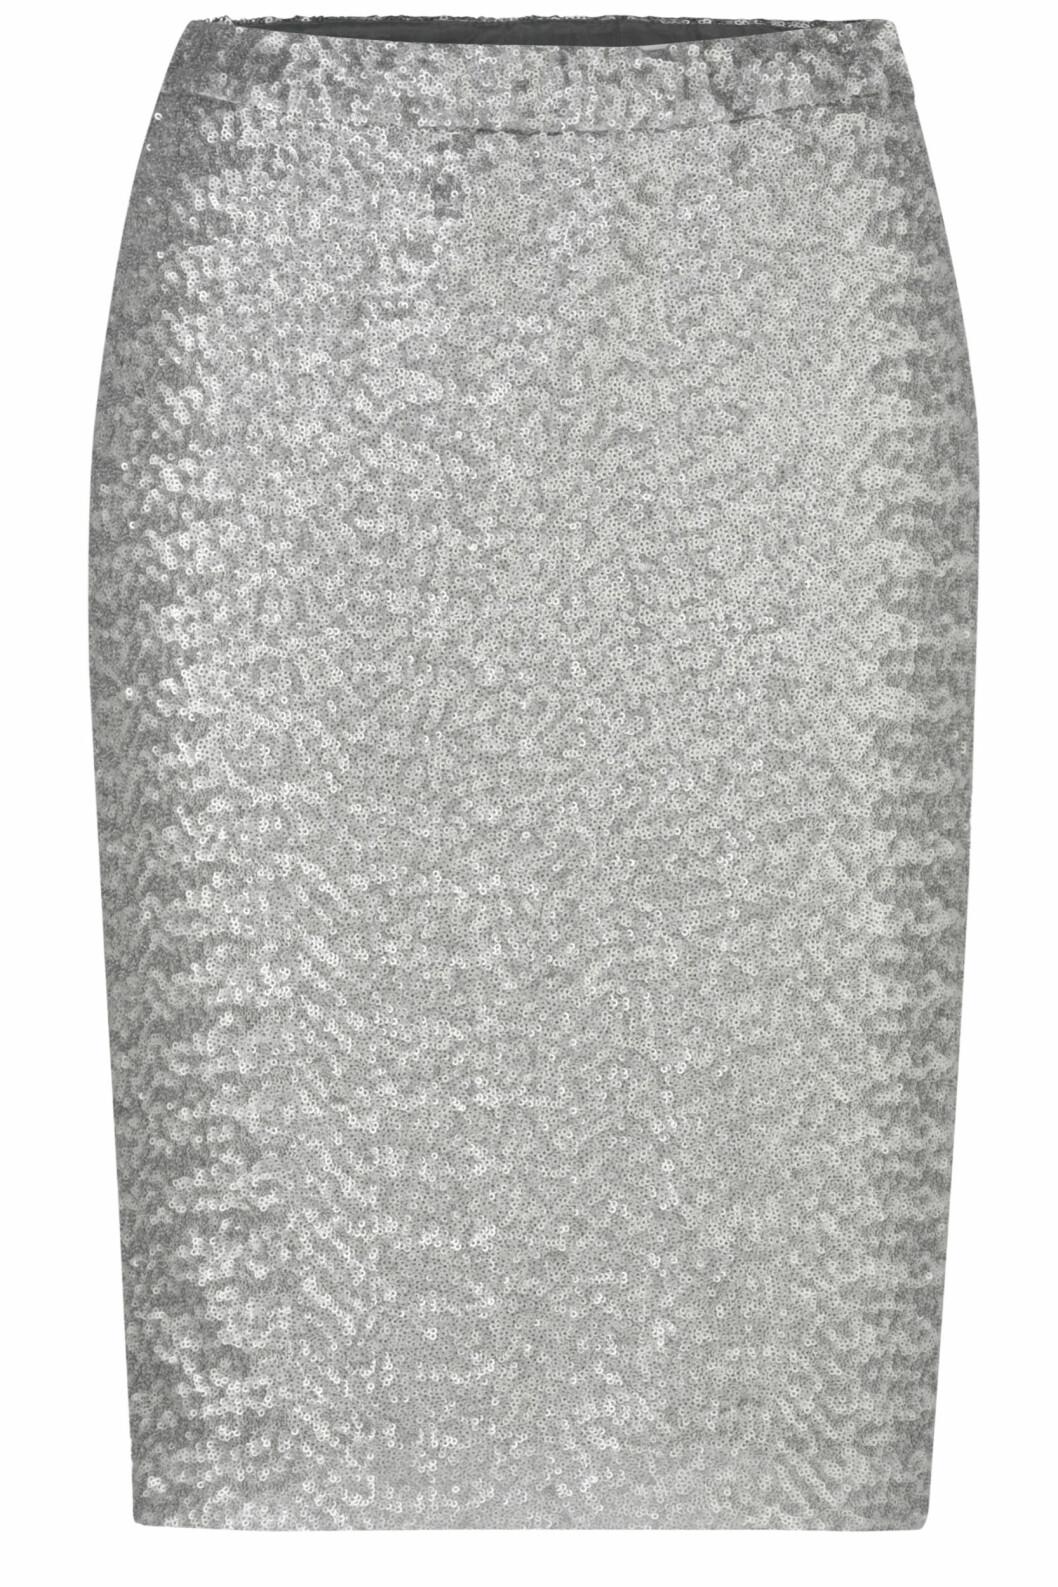 Blyantskjørt med sølvpaljetter (kr 650, laredoute.no). Foto: Produsenten